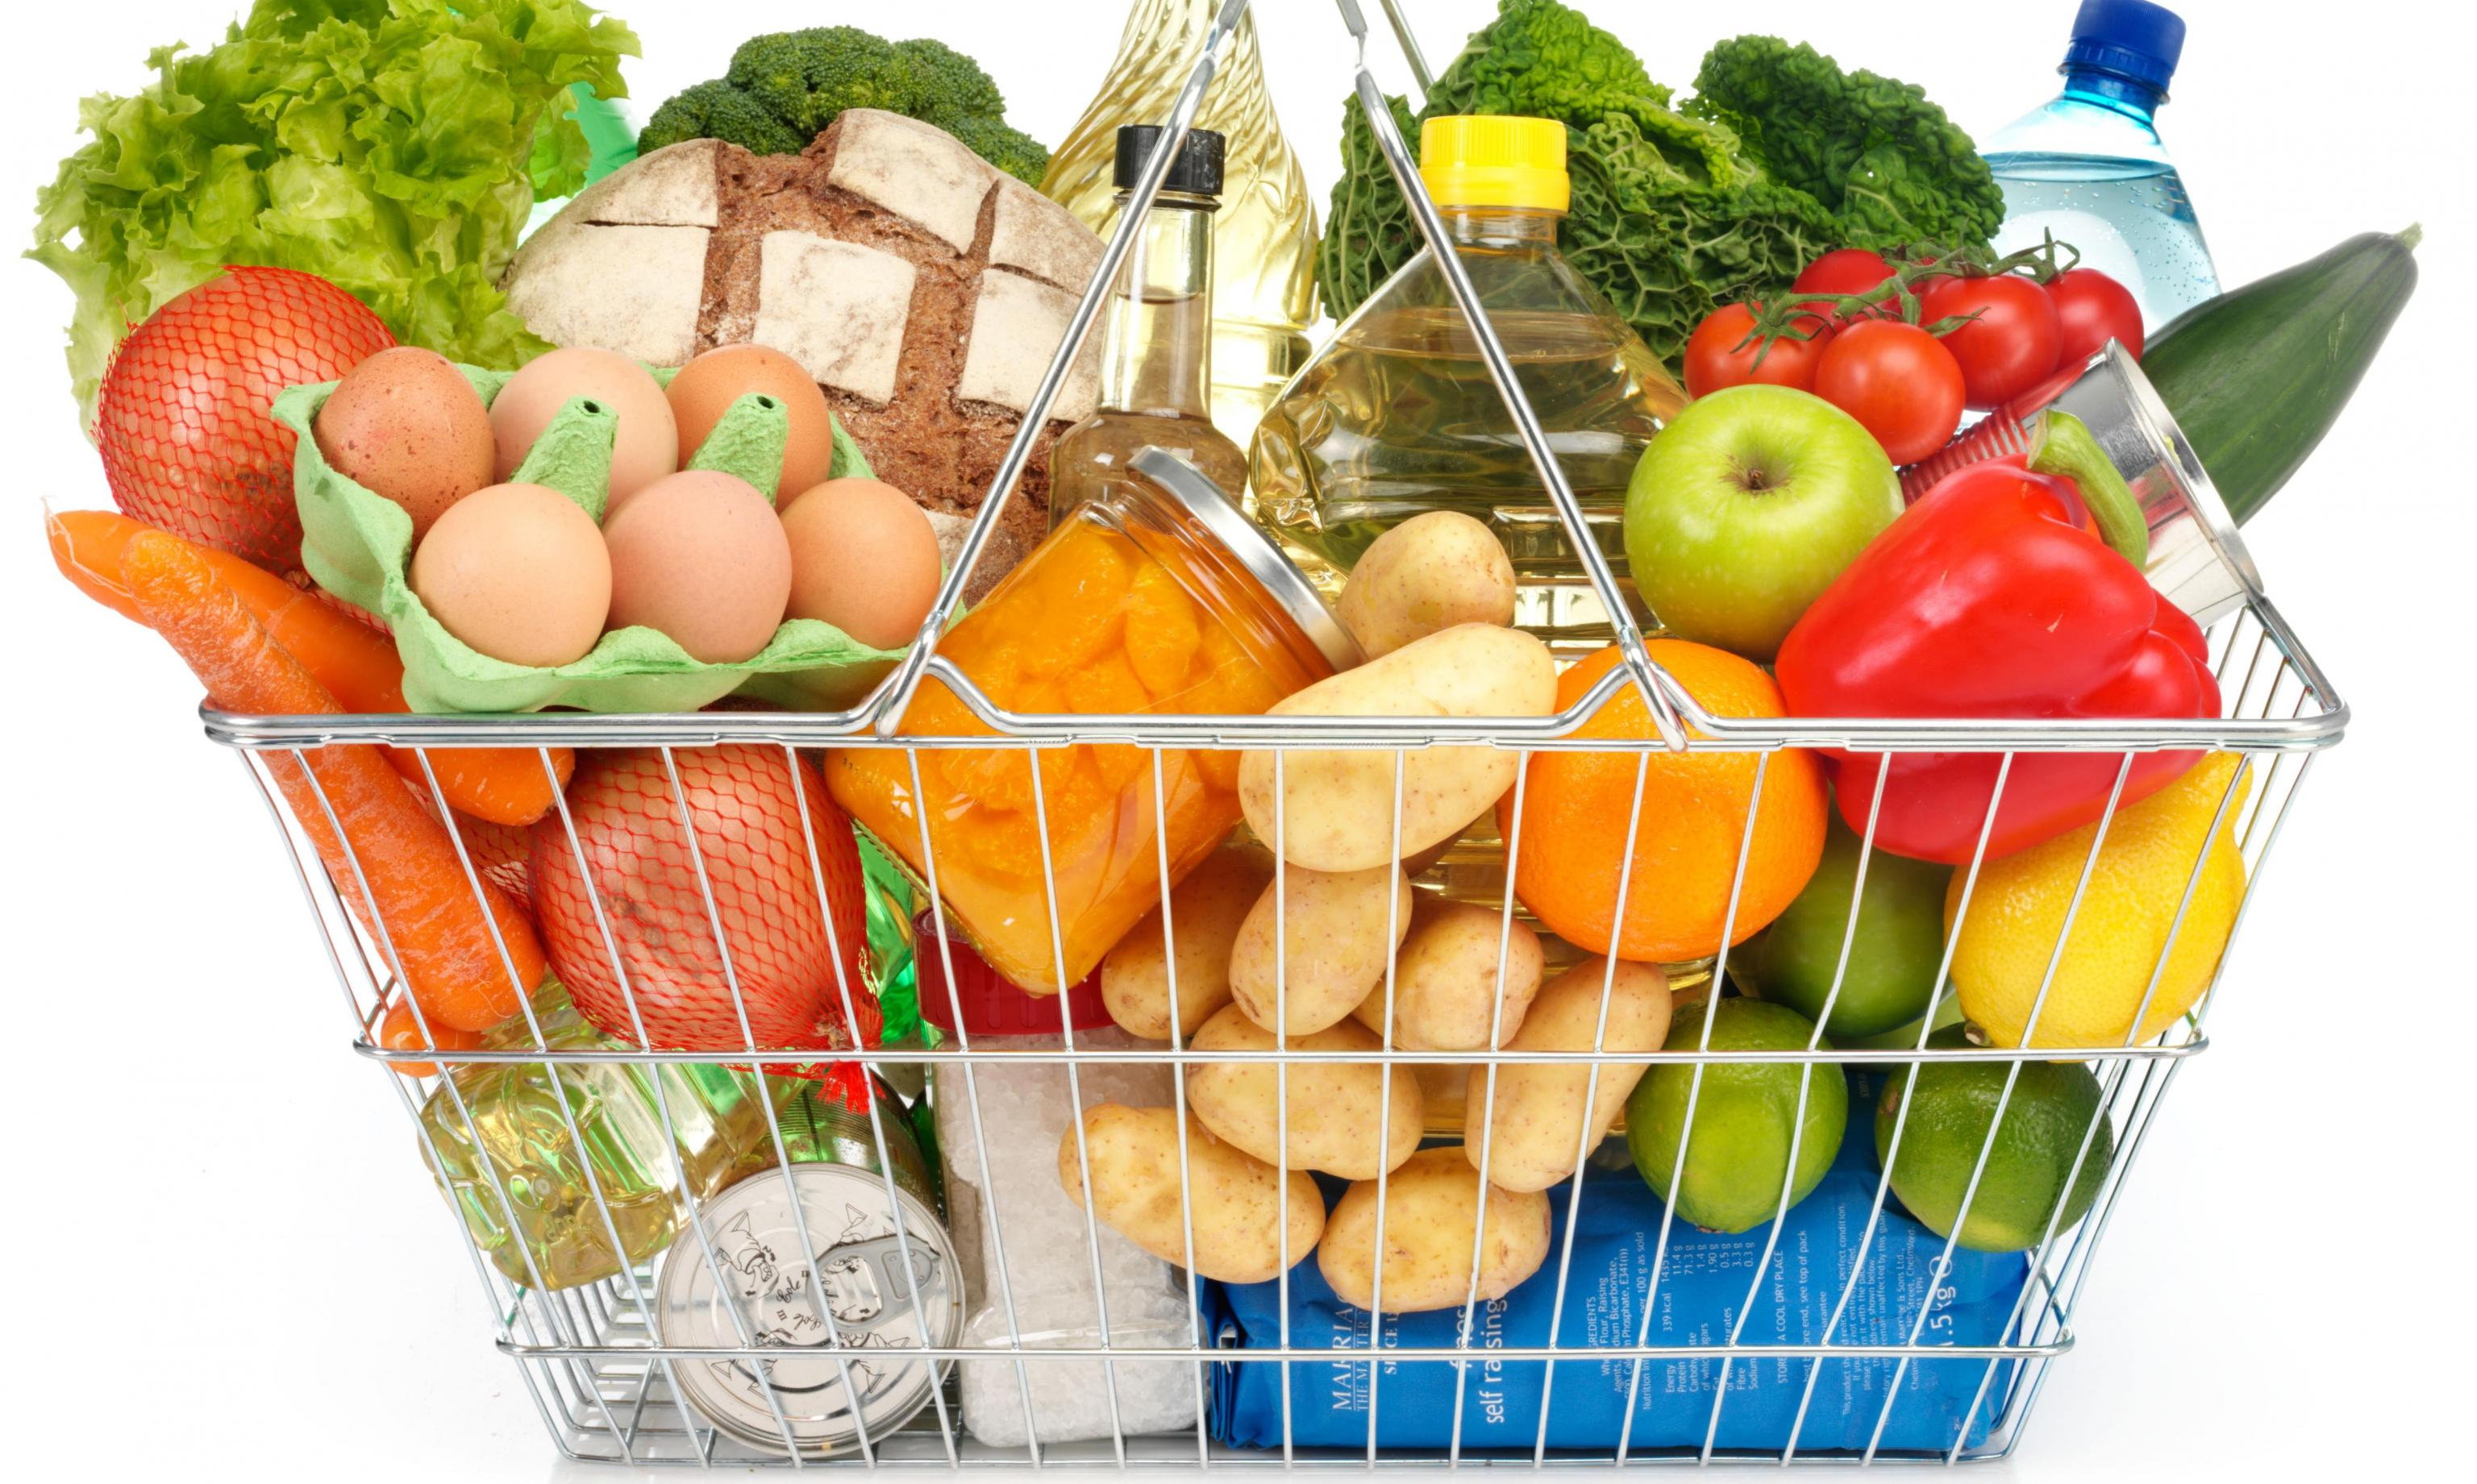 М'ясо, молоко, соняшникова олія і ряд інших найпопулярніших продуктів в Україні стрімко дорожчають.